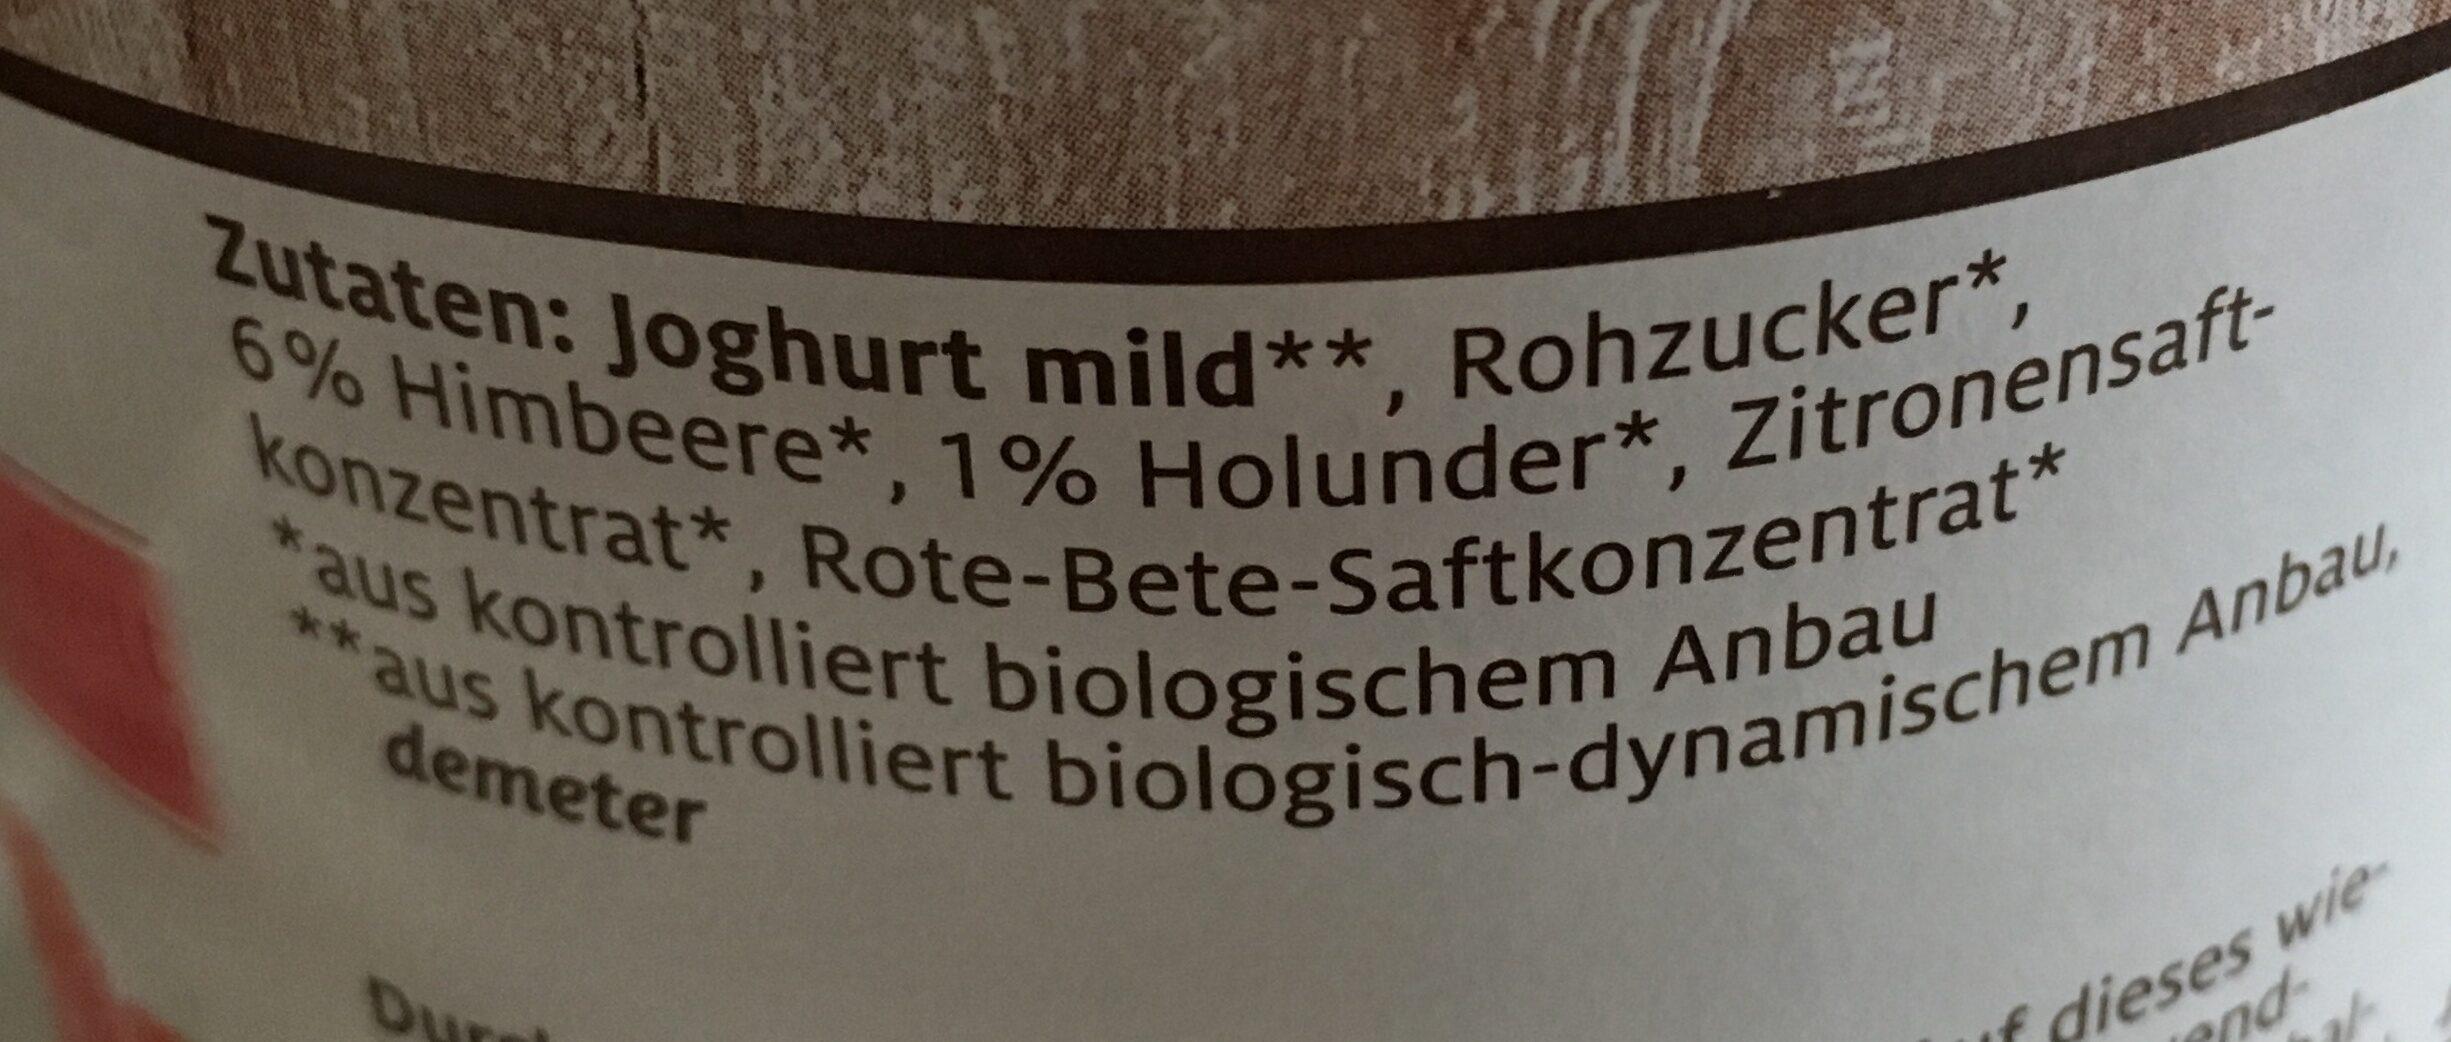 Demeter SCHROZBERGER Fruchtyoghourt mild, Himbeere - Ingrediënten - de